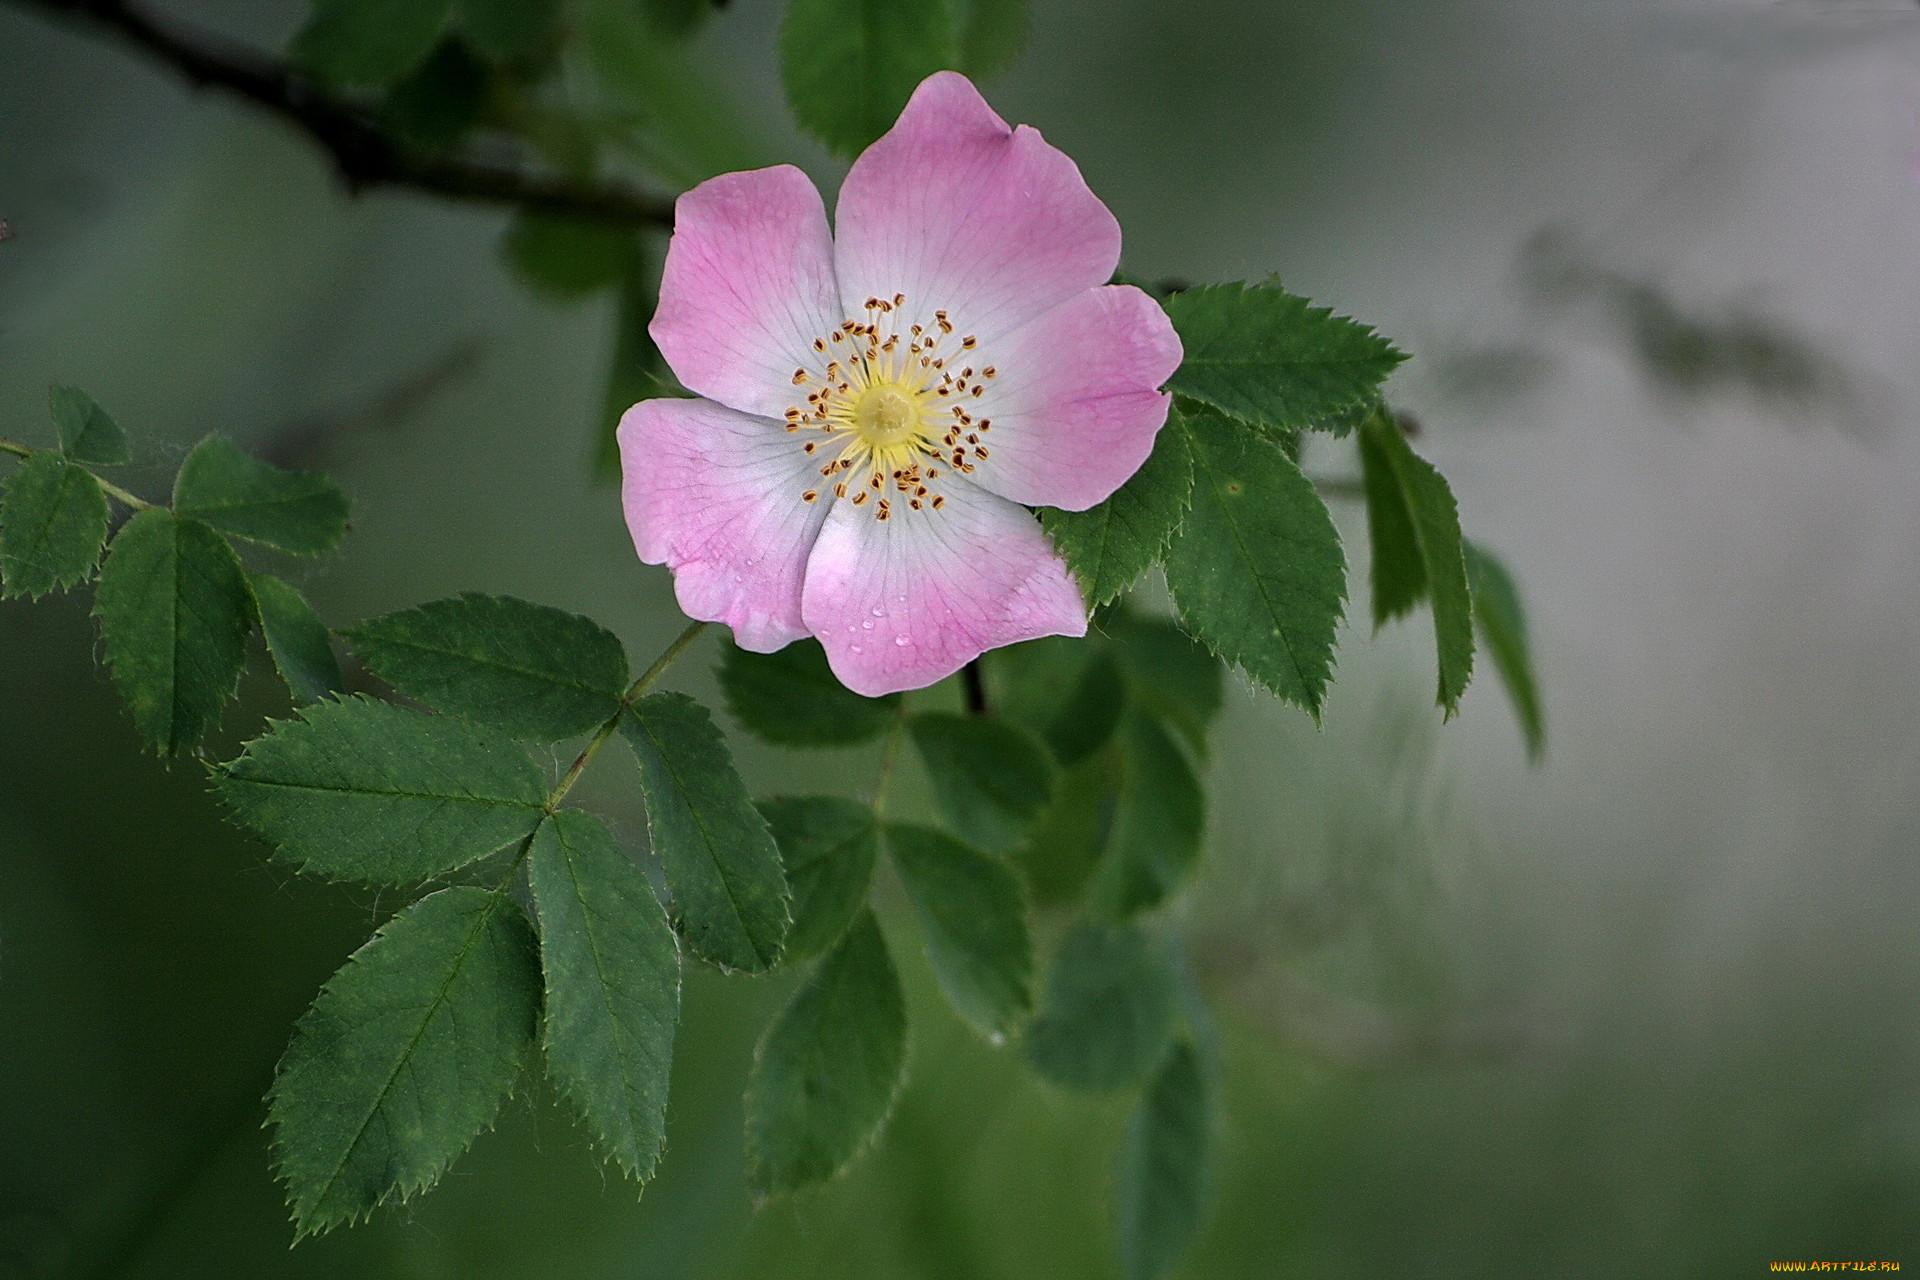 теперь предпримит картинки на аву цветы шиповника принципы